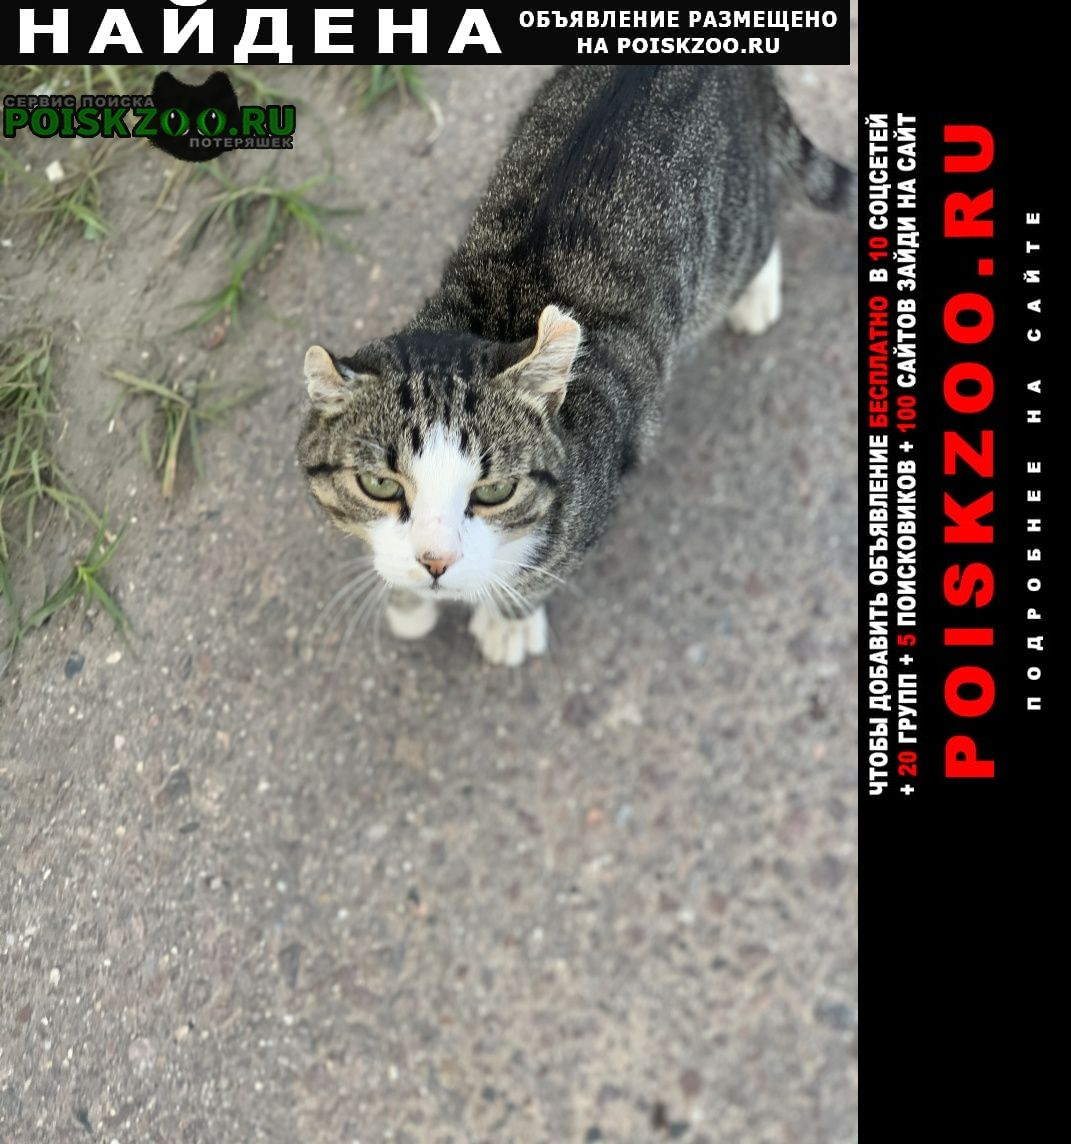 Найдена кошка кот Истра